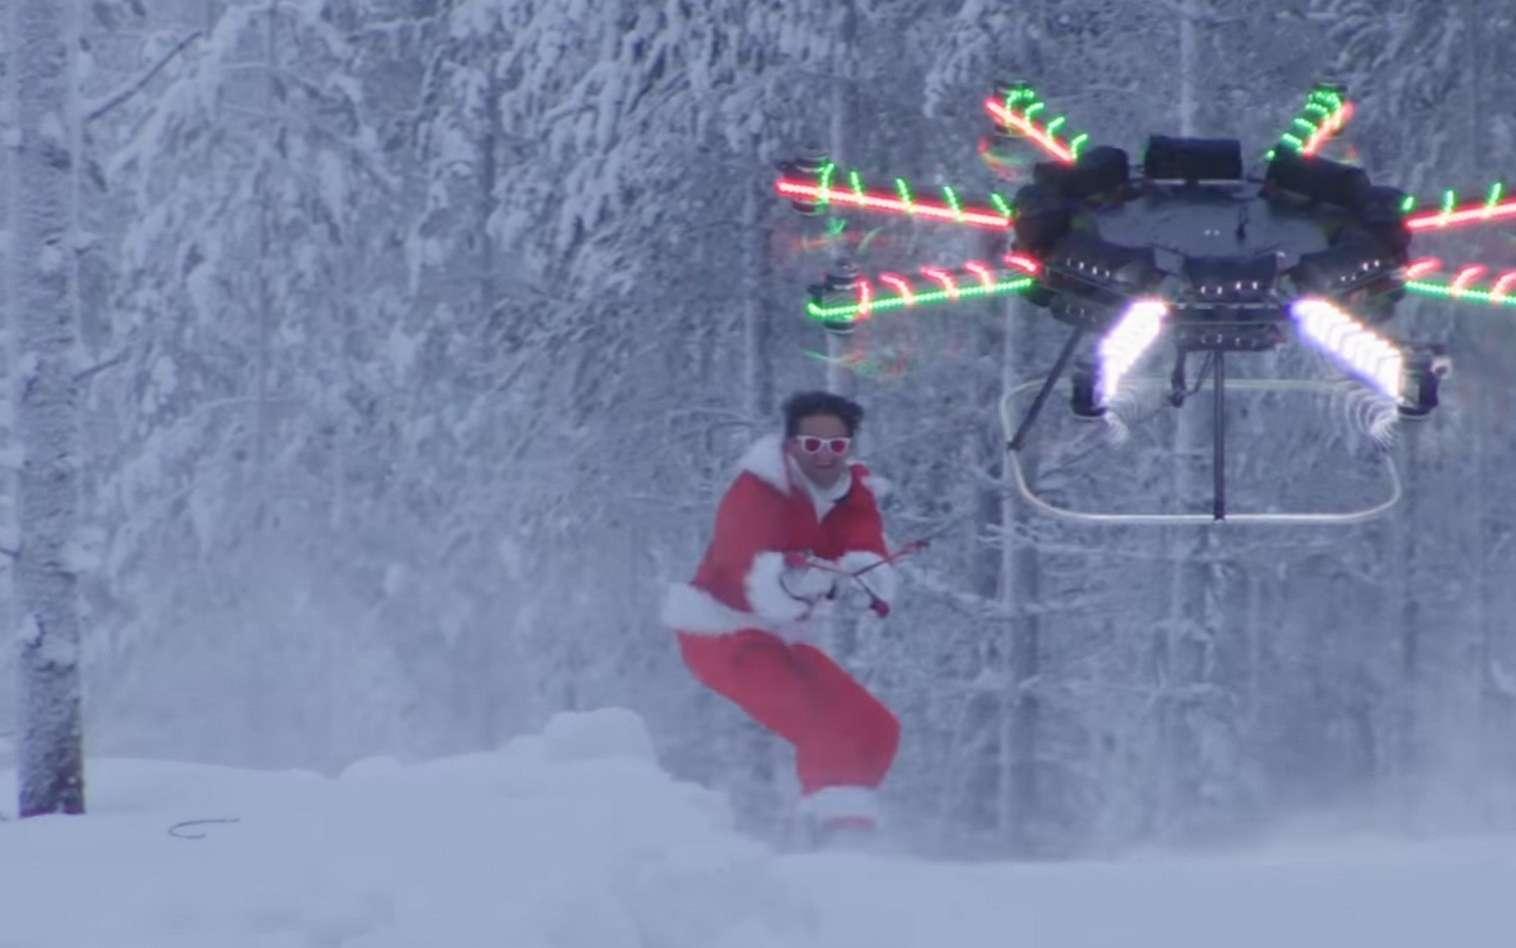 Surfer sur la neige tiré par un drone. Une expérience qui pourrait faire des émules... © CaseyNeistat, Samsung, YouTube